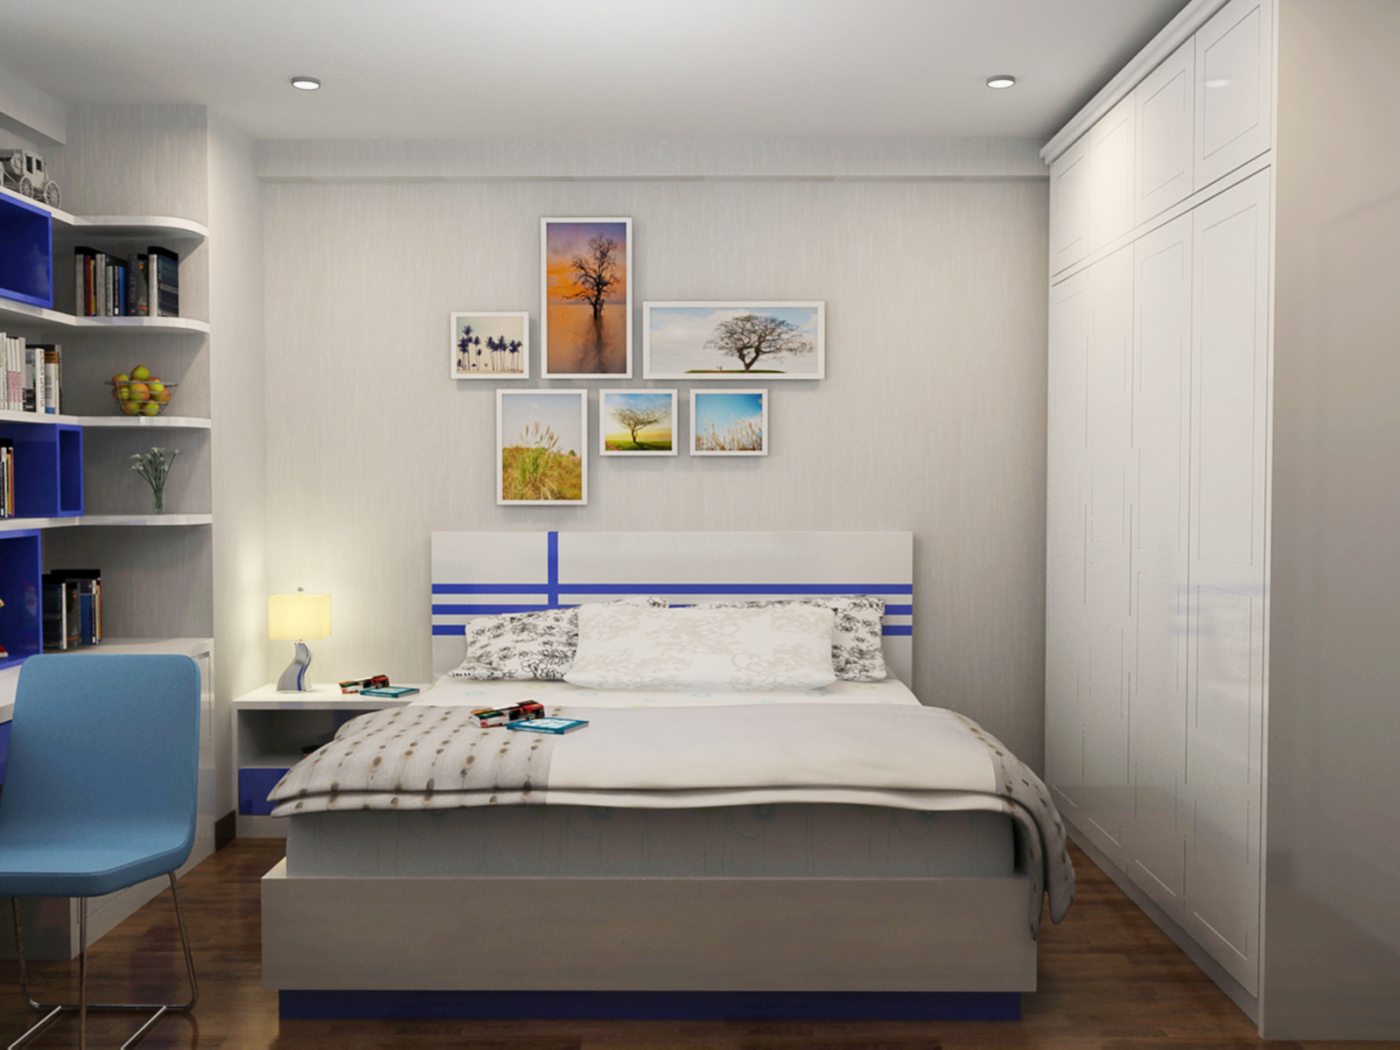 Với diện tích 20m2, việc thiết lập không gian nội thất phòng ngủ với đầy đủ tiện nghi là điều khá dễ dàng